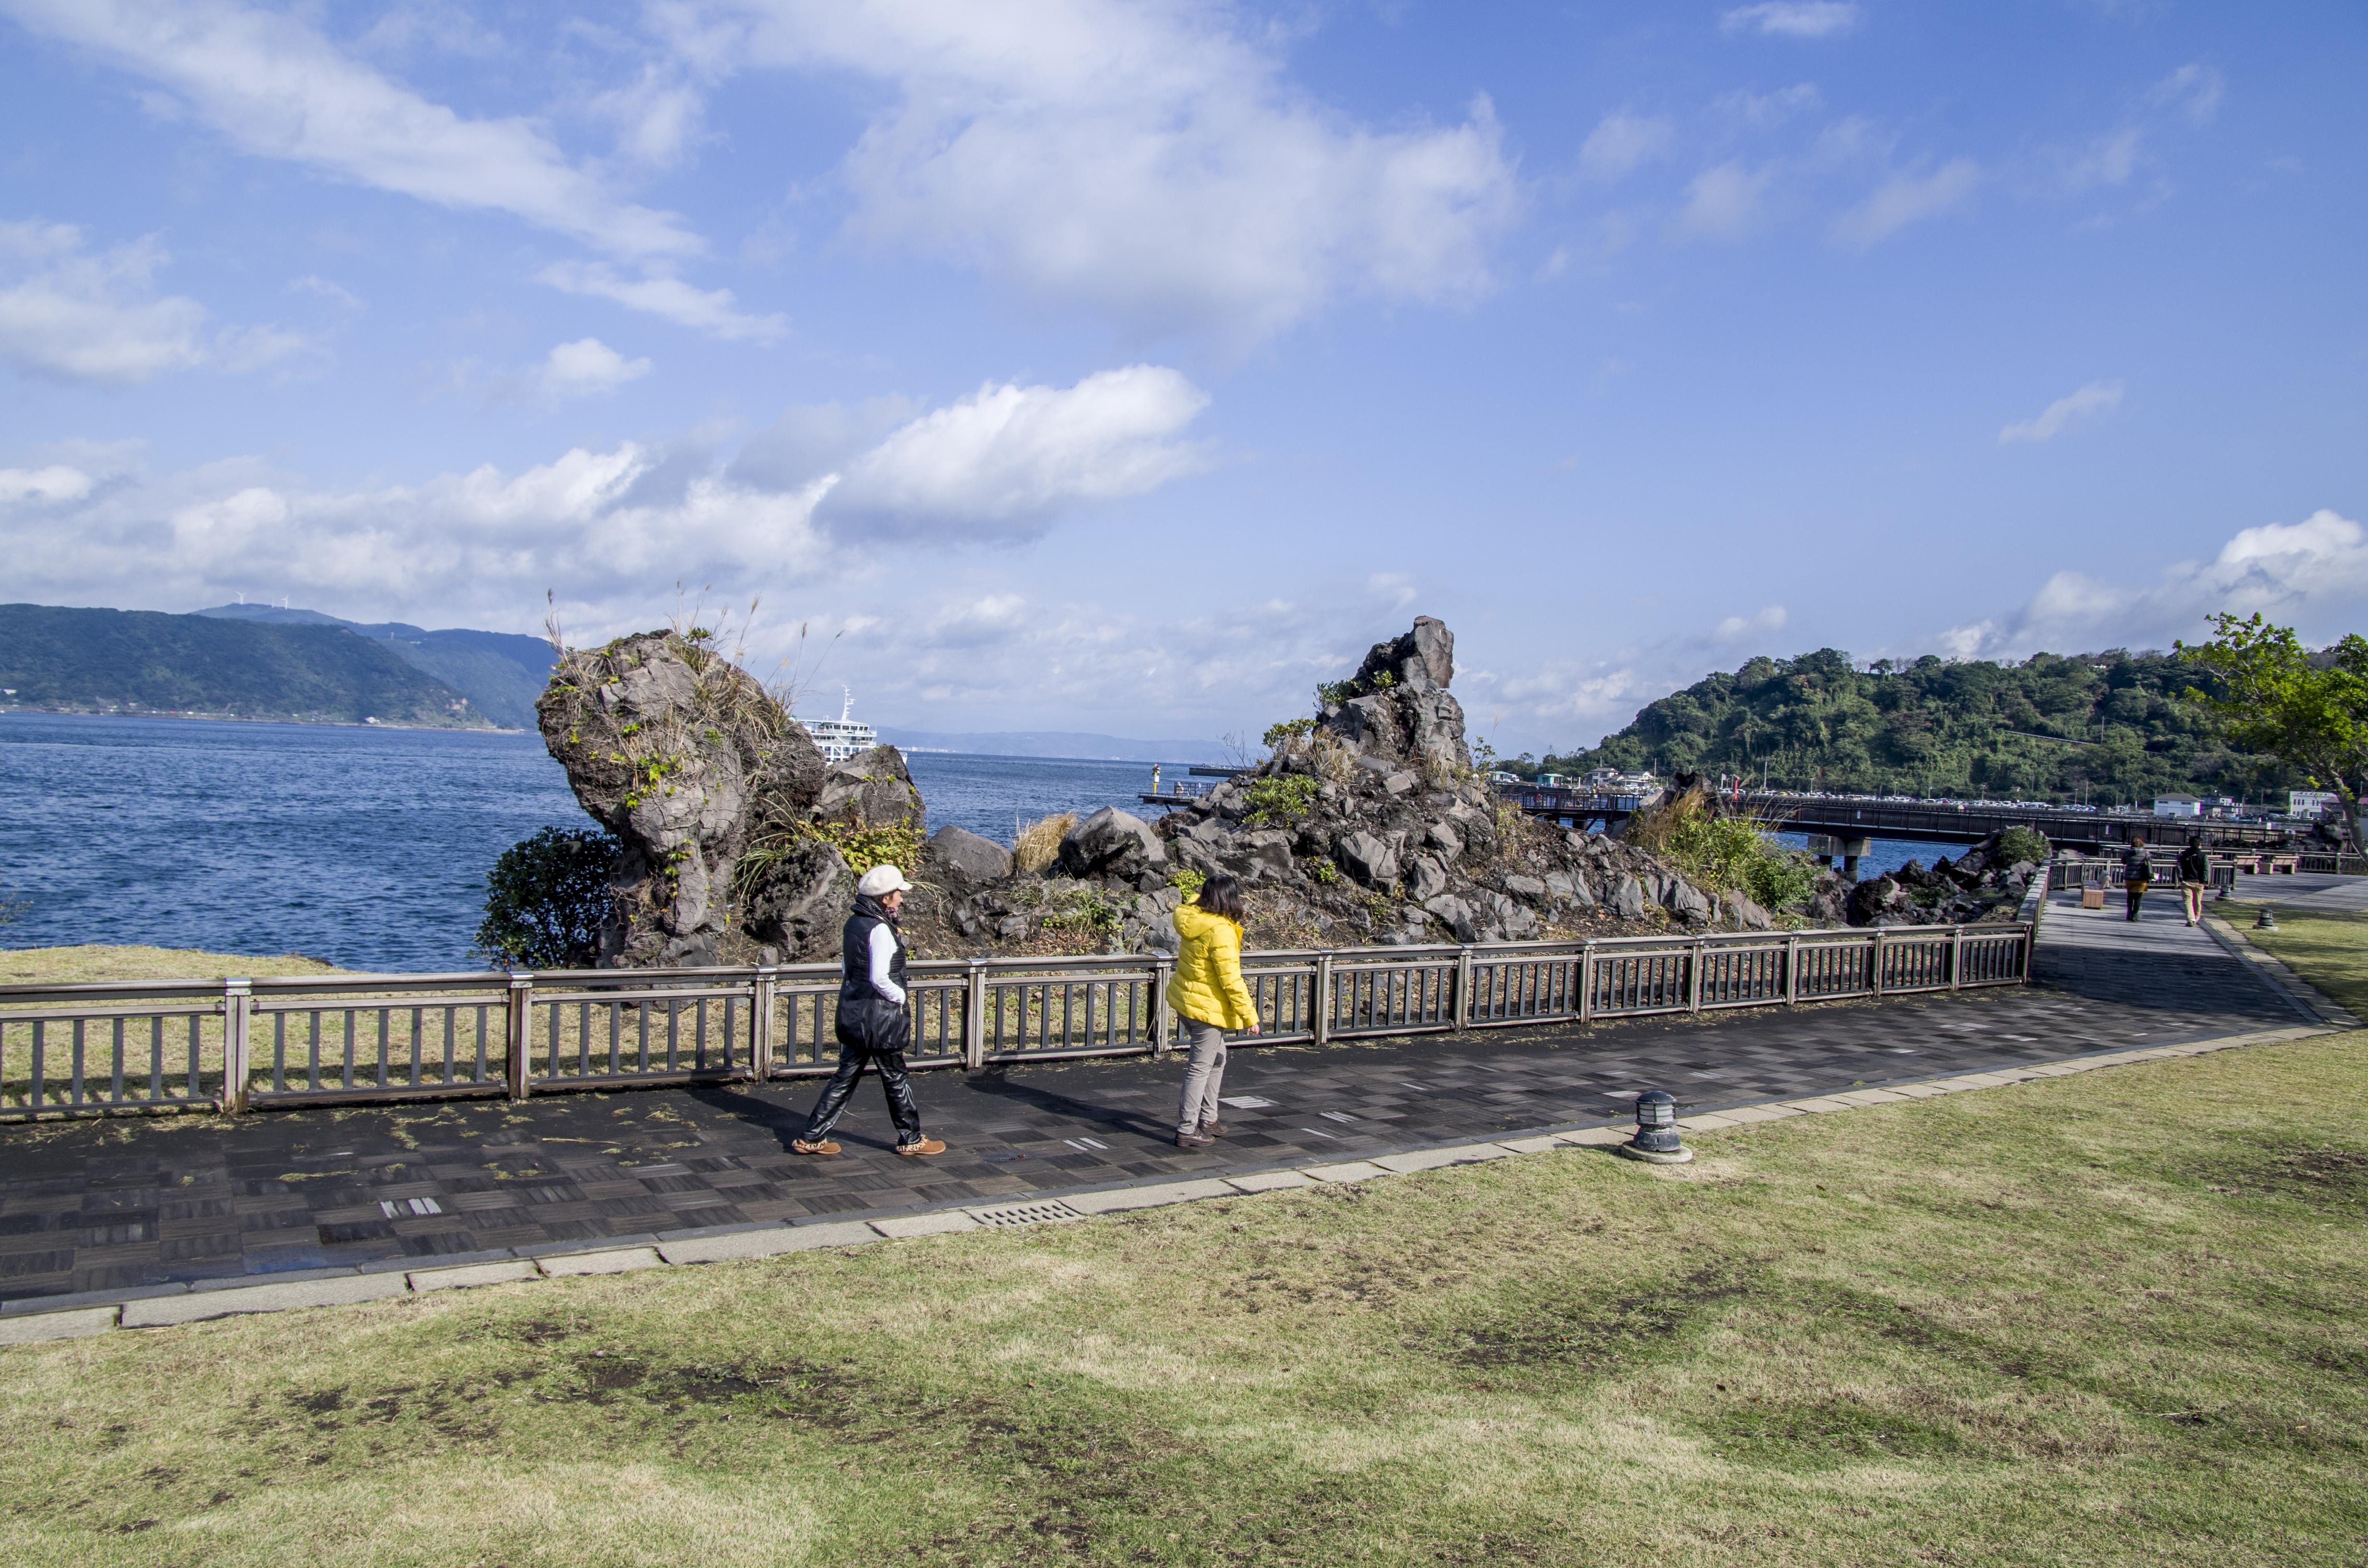 File:Lawa rocks near coast - panoramio.jpg